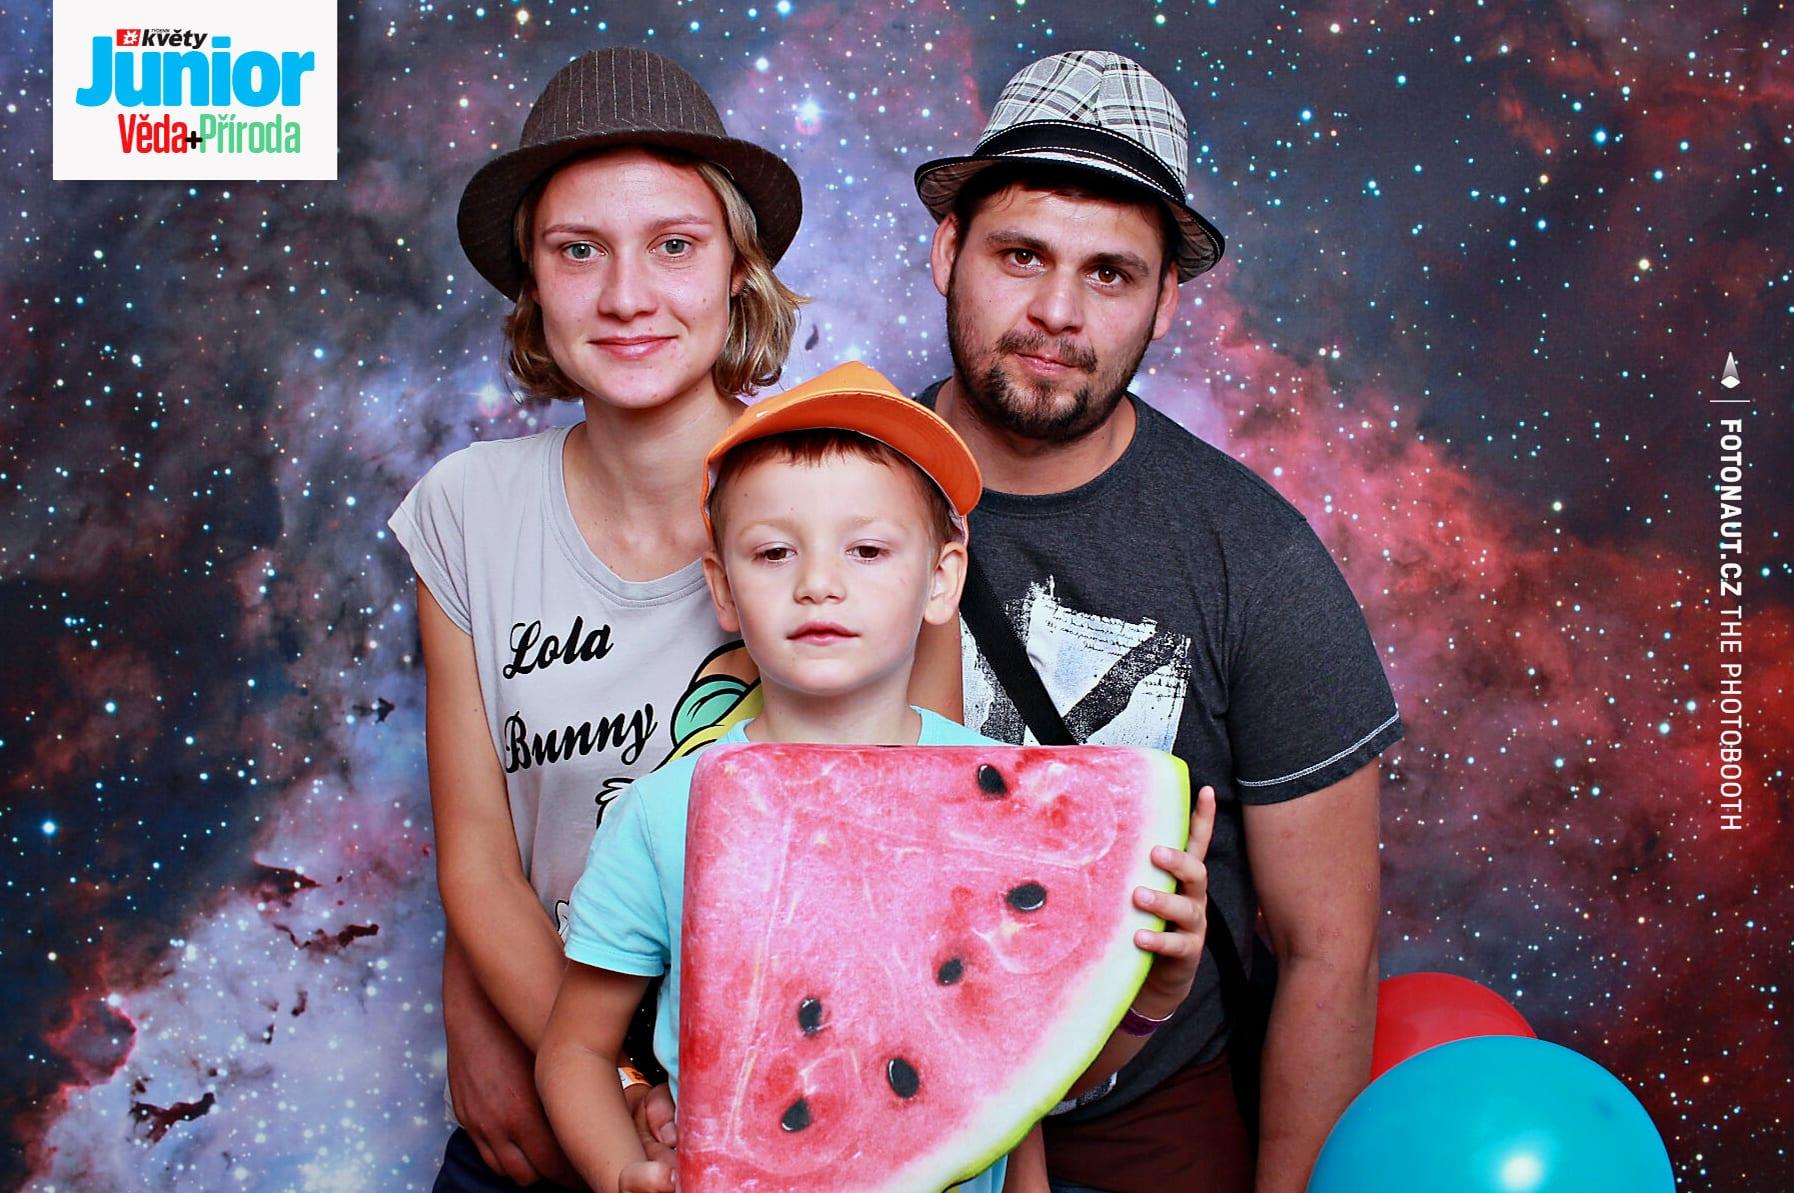 fotokoutek-brno-family-day-vlm-12-7-2019-640610